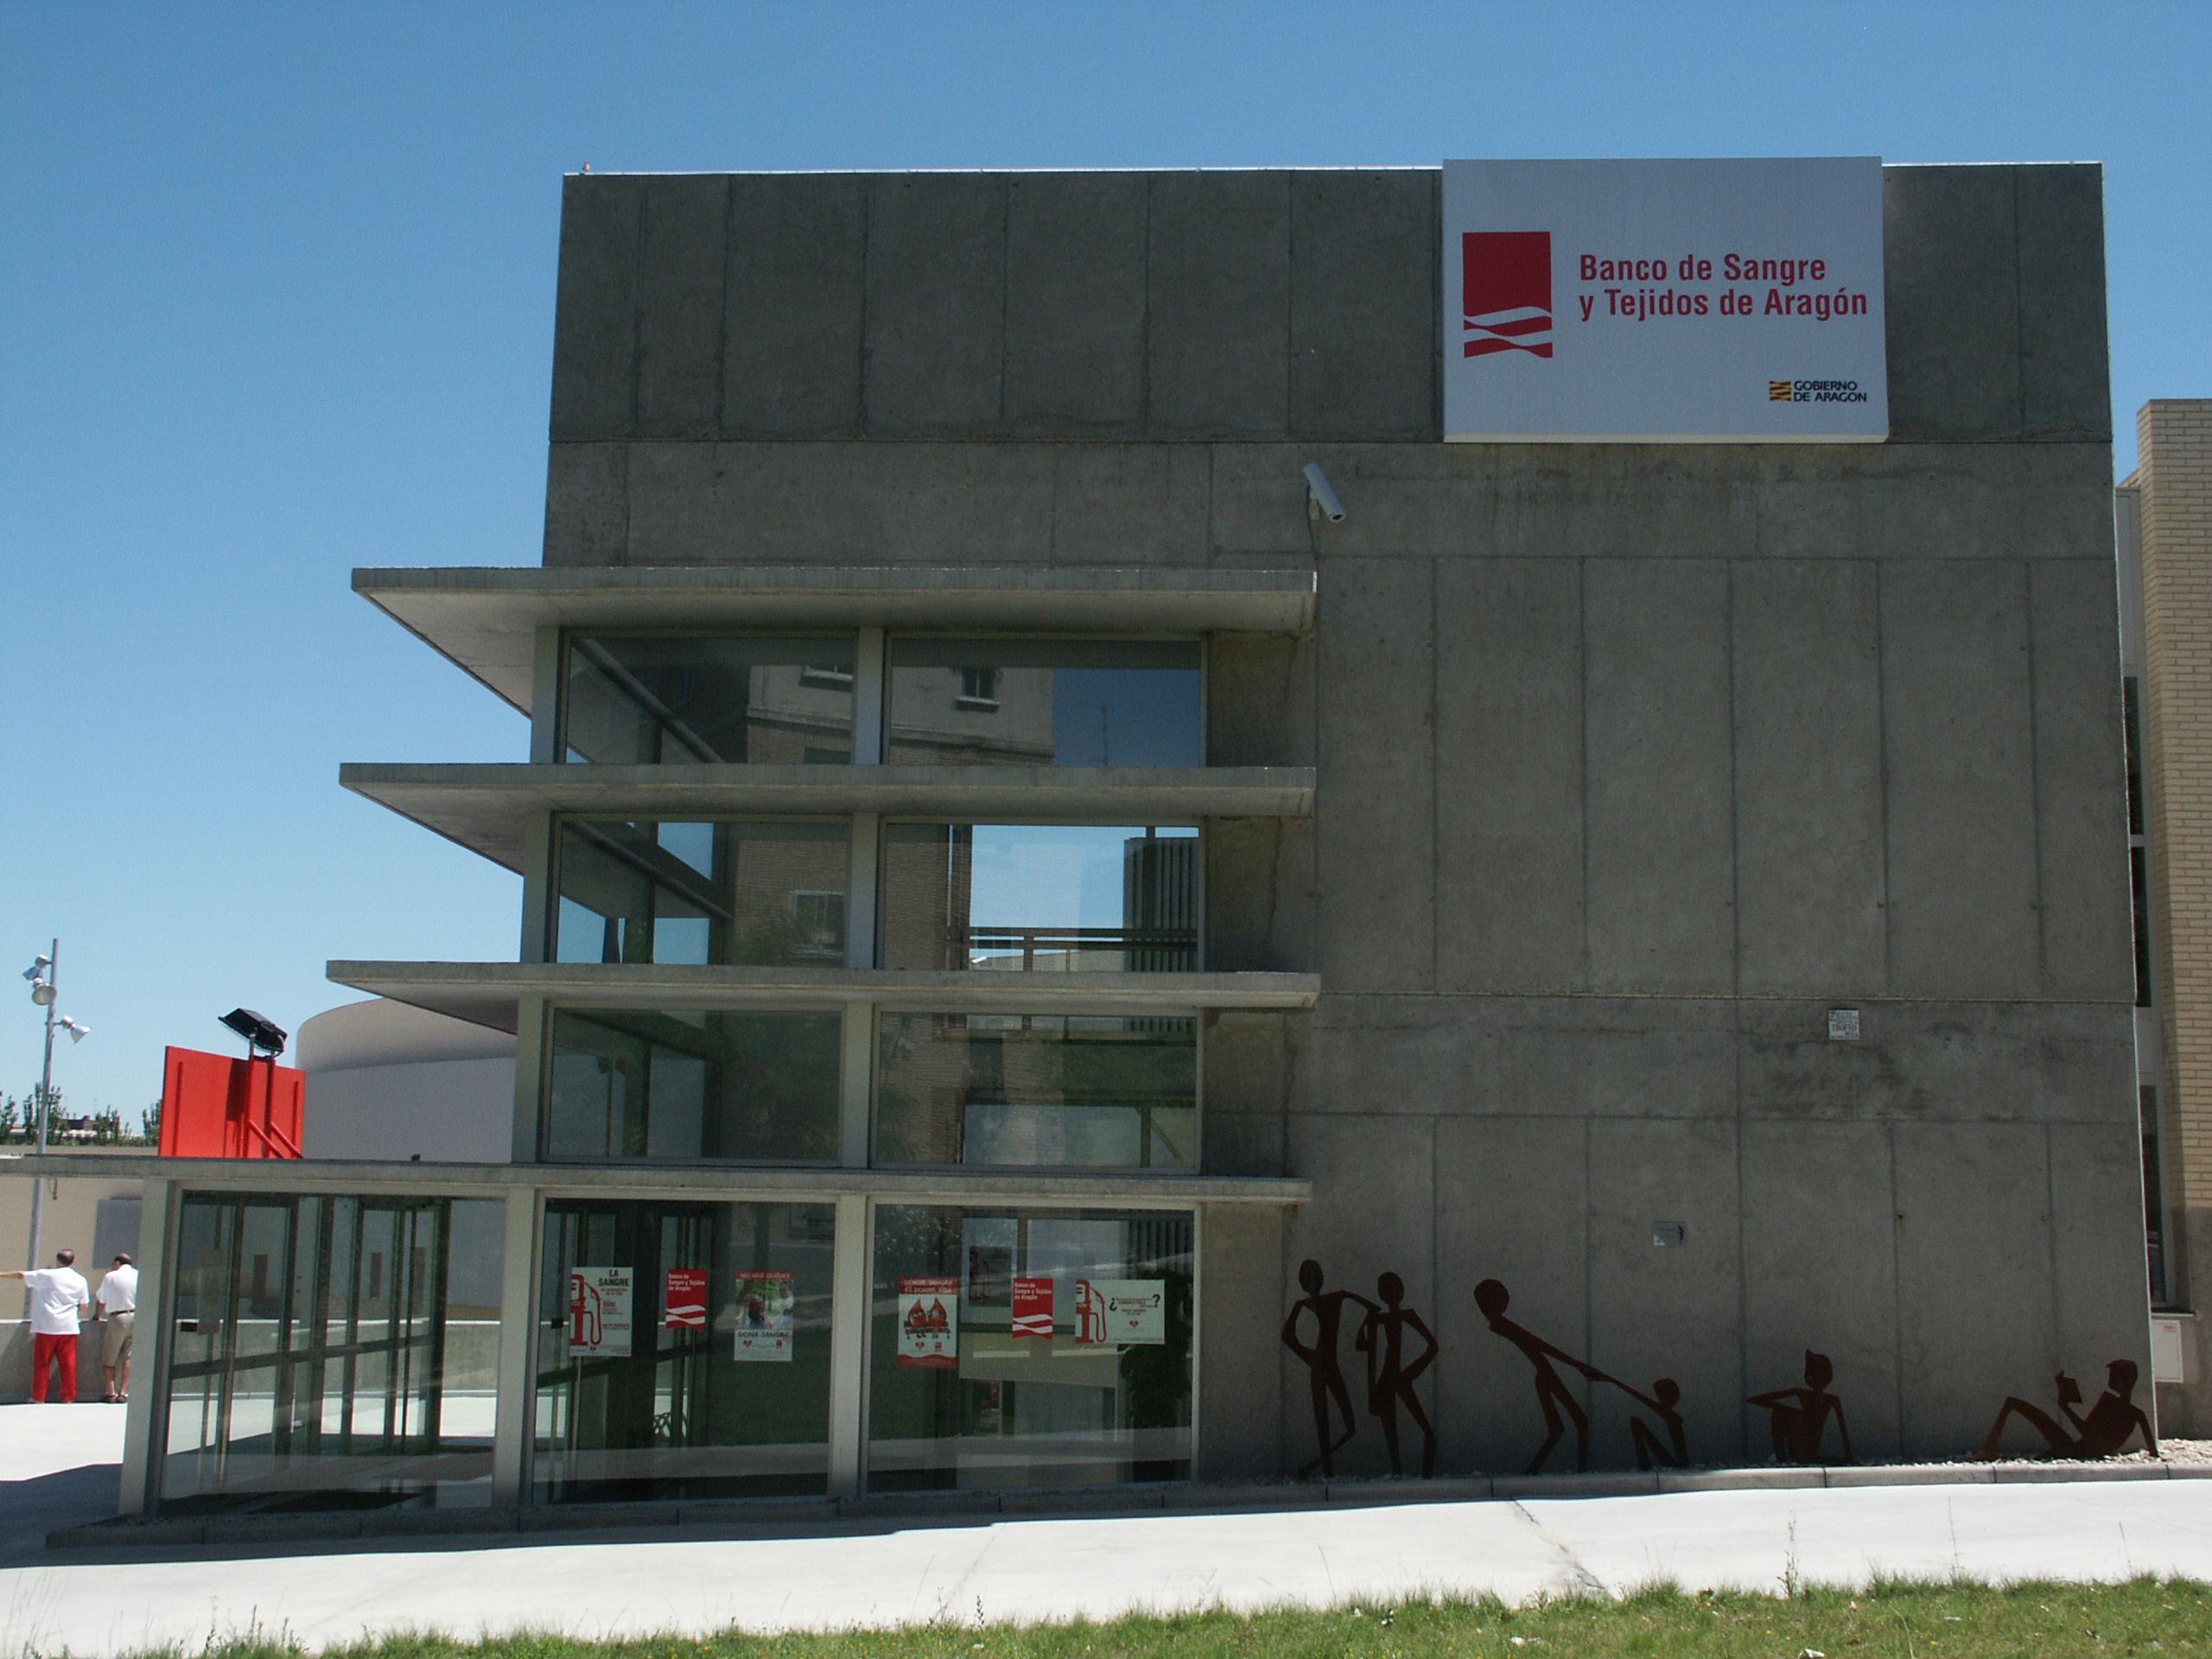 Firmados los convenios con las asociaciones promotoras de la donación de sangre